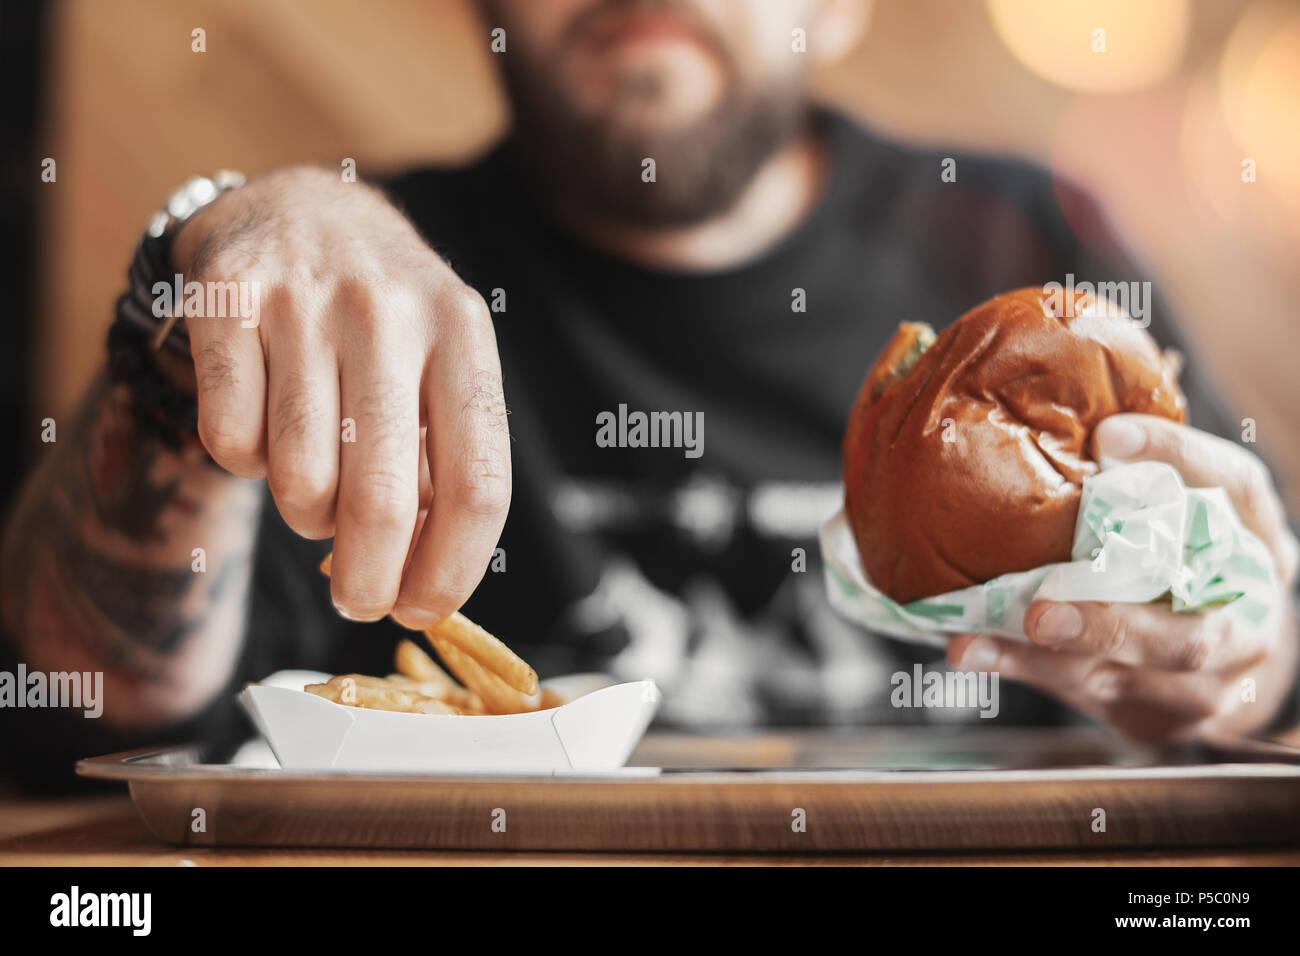 Joven barbudo hombre comiendo una hamburguesa y patatas fritas. Imagen De Stock